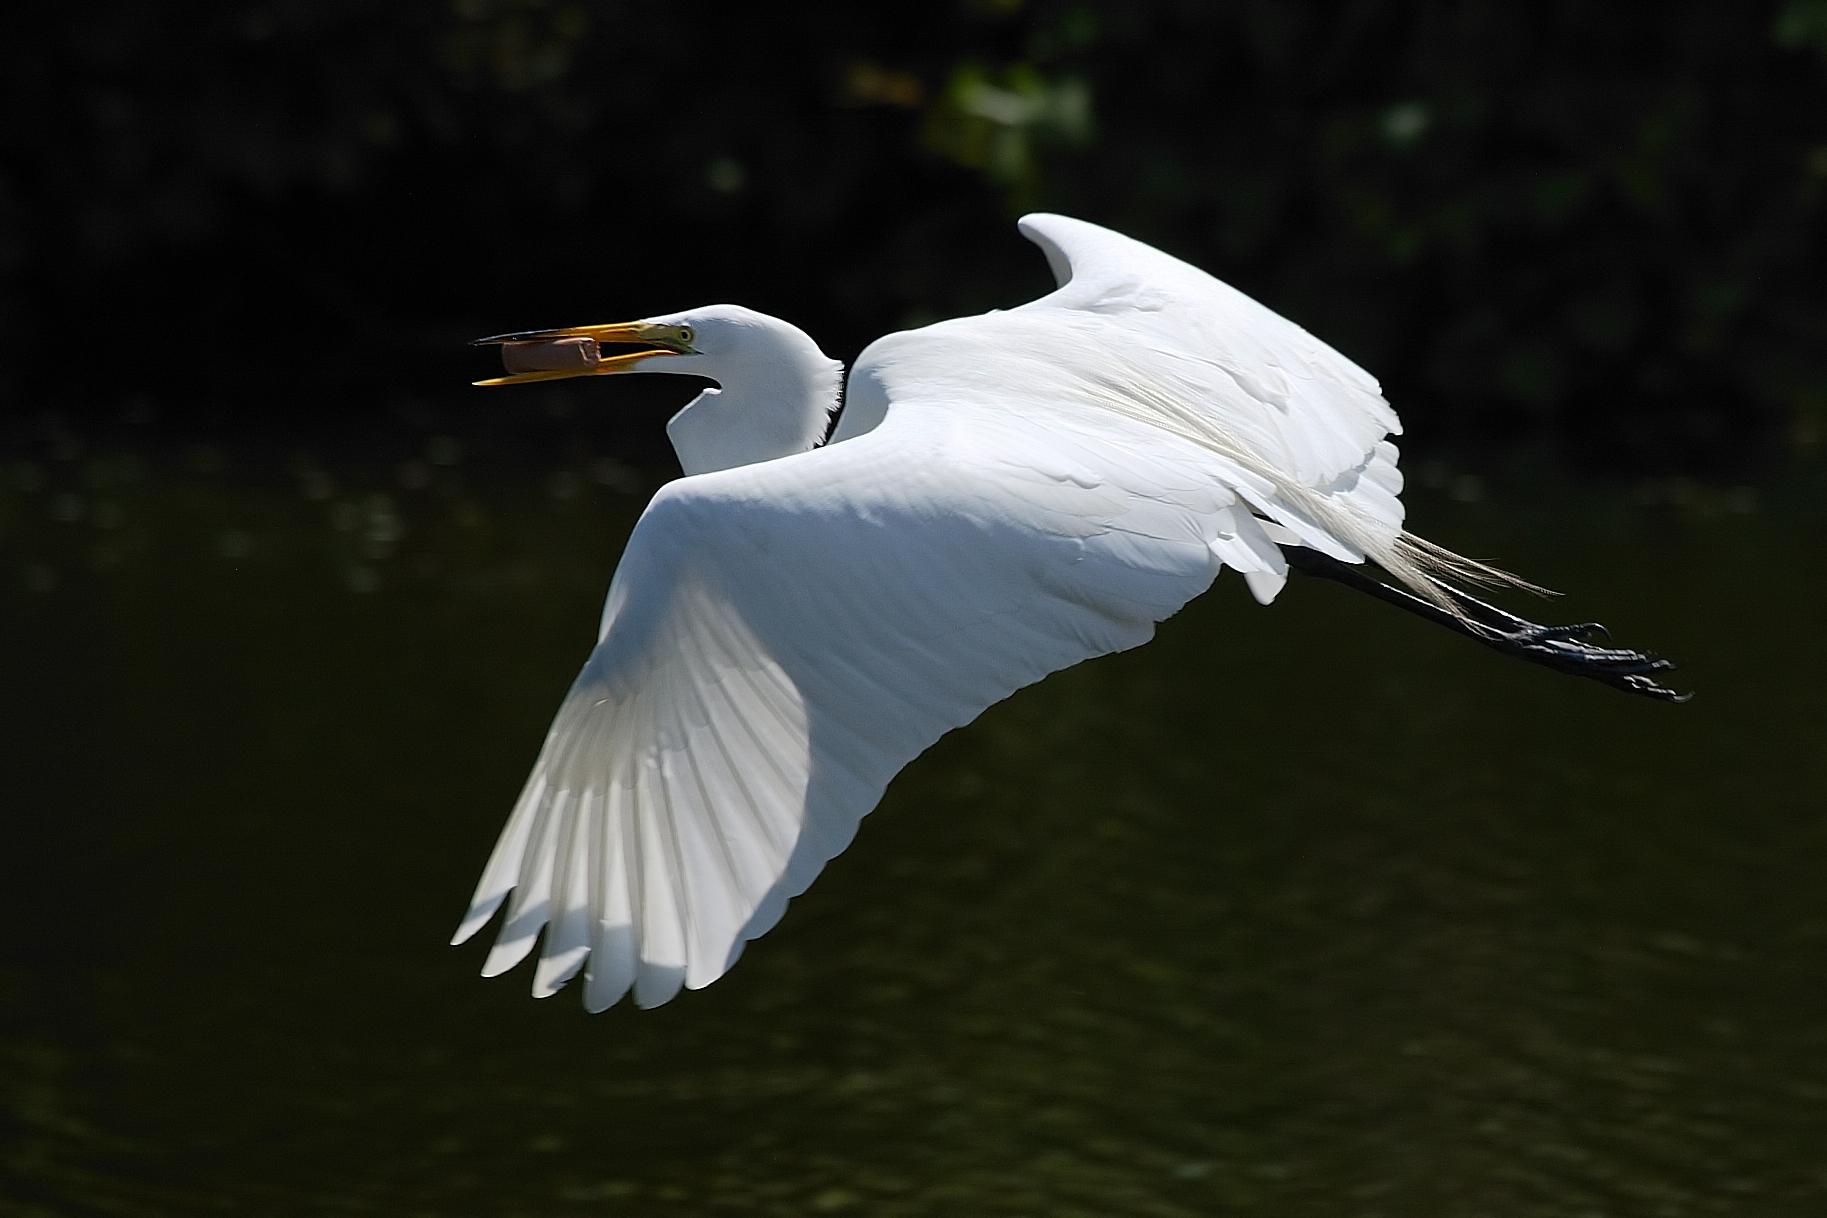 エバーグレーズ国立公園の画像 p1_24